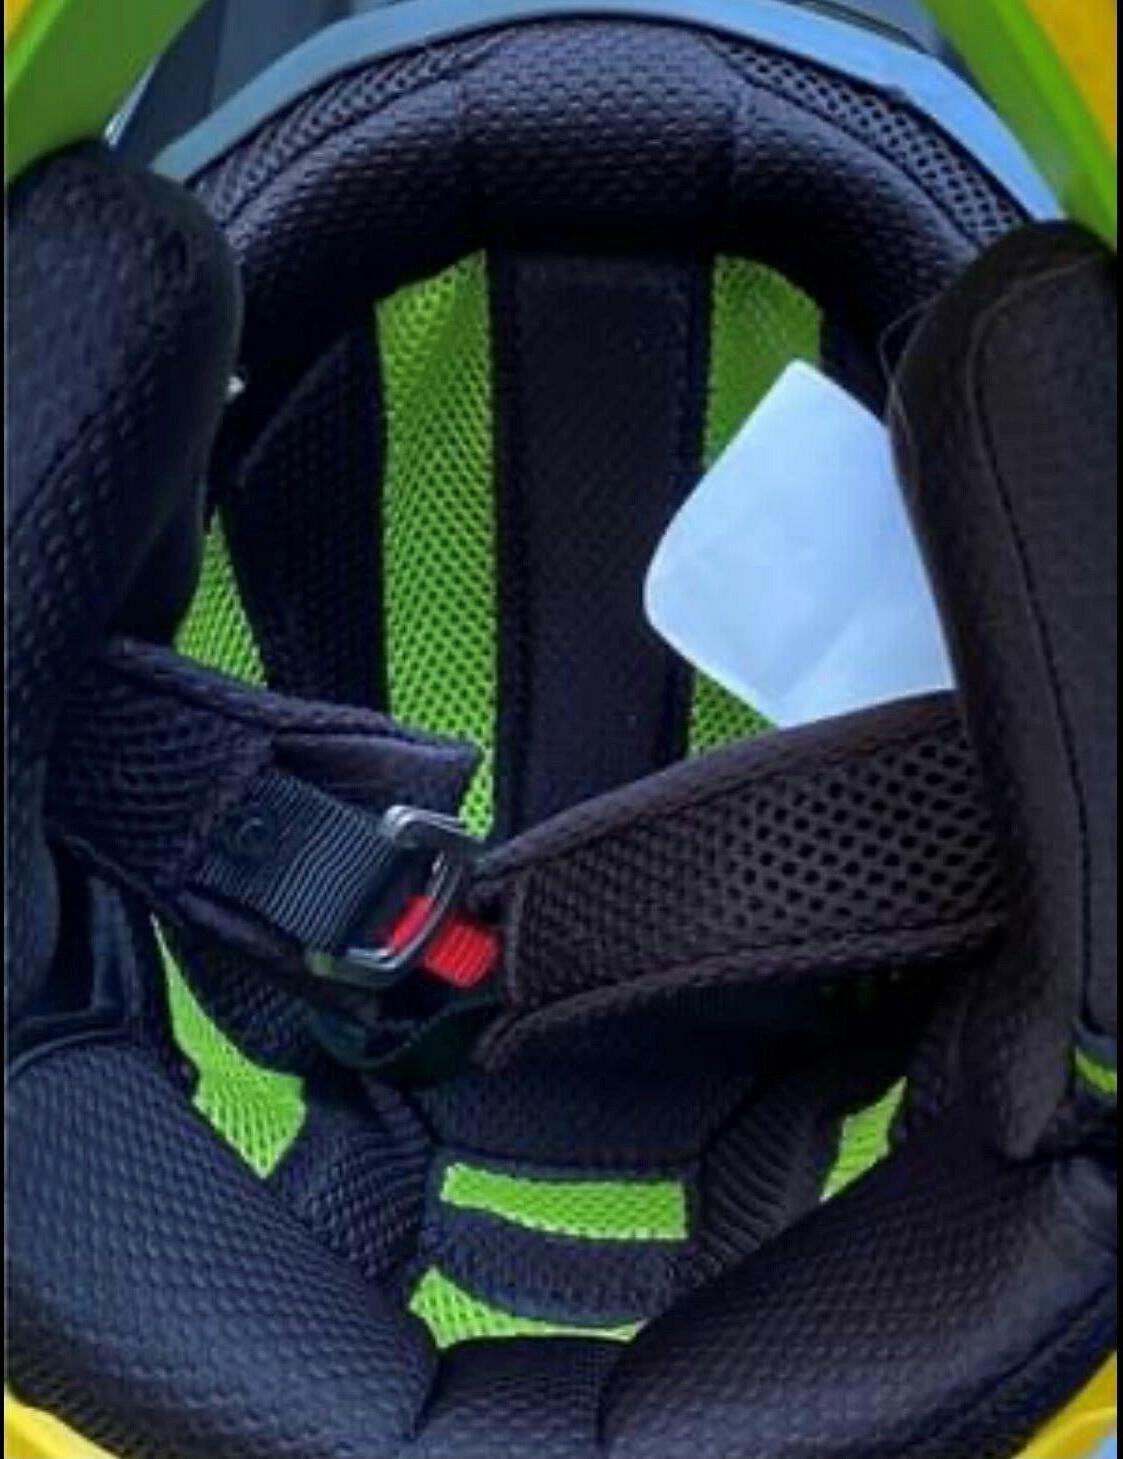 iXS Fullface Helm XULT Downhill MTB L/XL